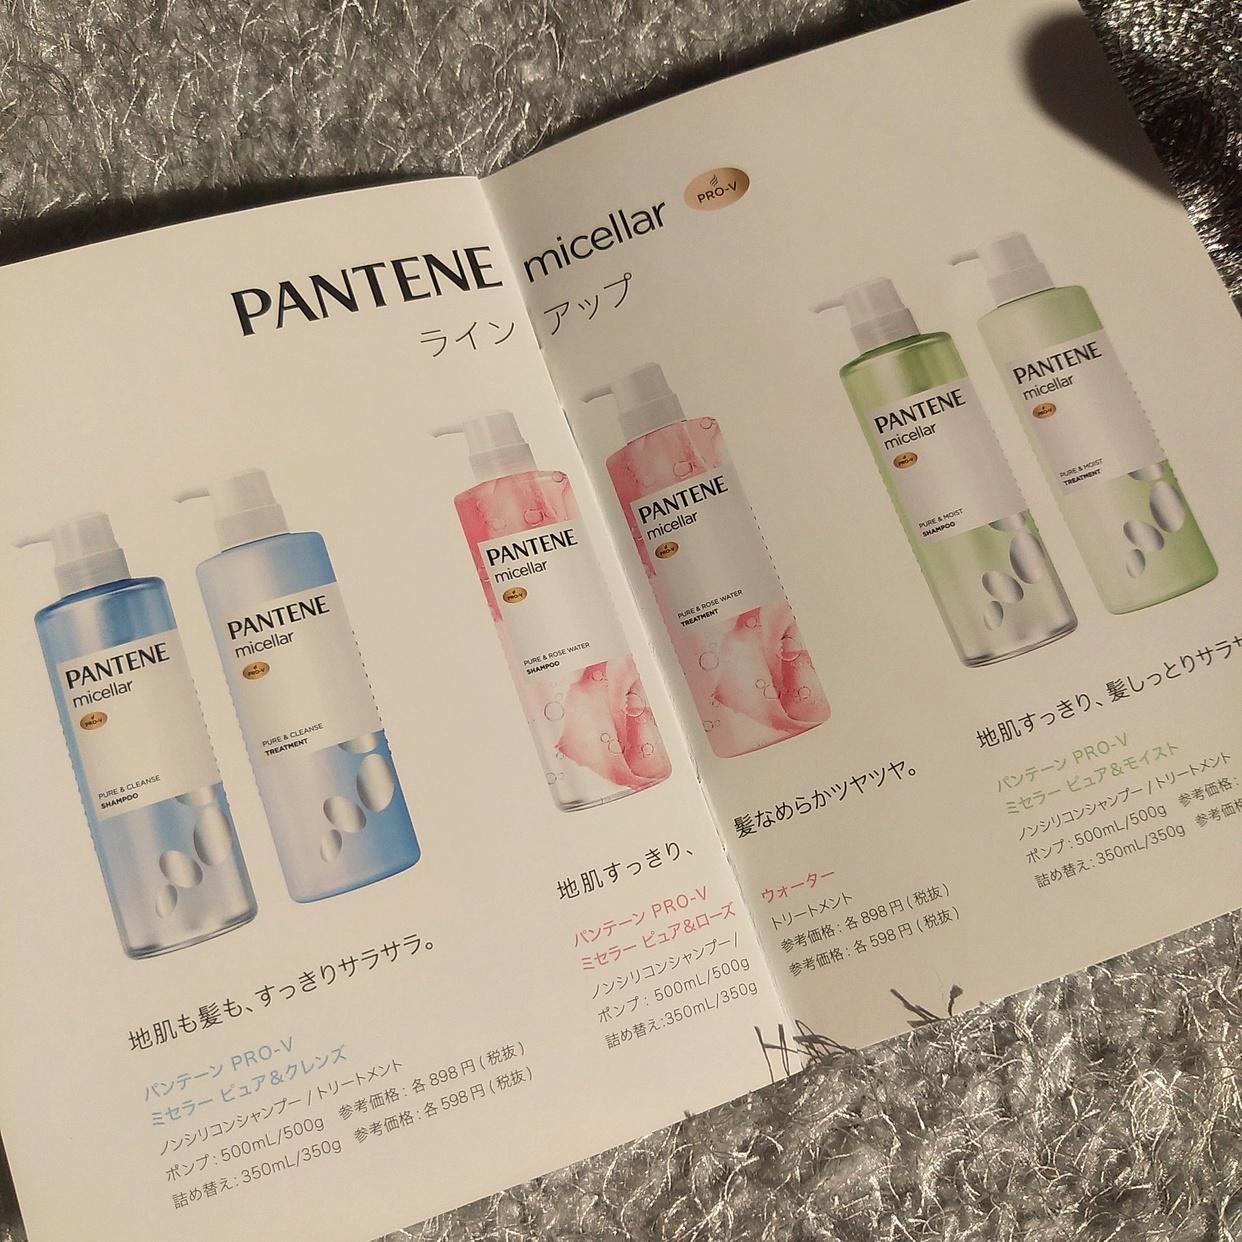 PANTENE(パンテーン)ミセラー ピュア&クレンズ シャンプー&トリートメントを使ったまるもふさんのクチコミ画像8